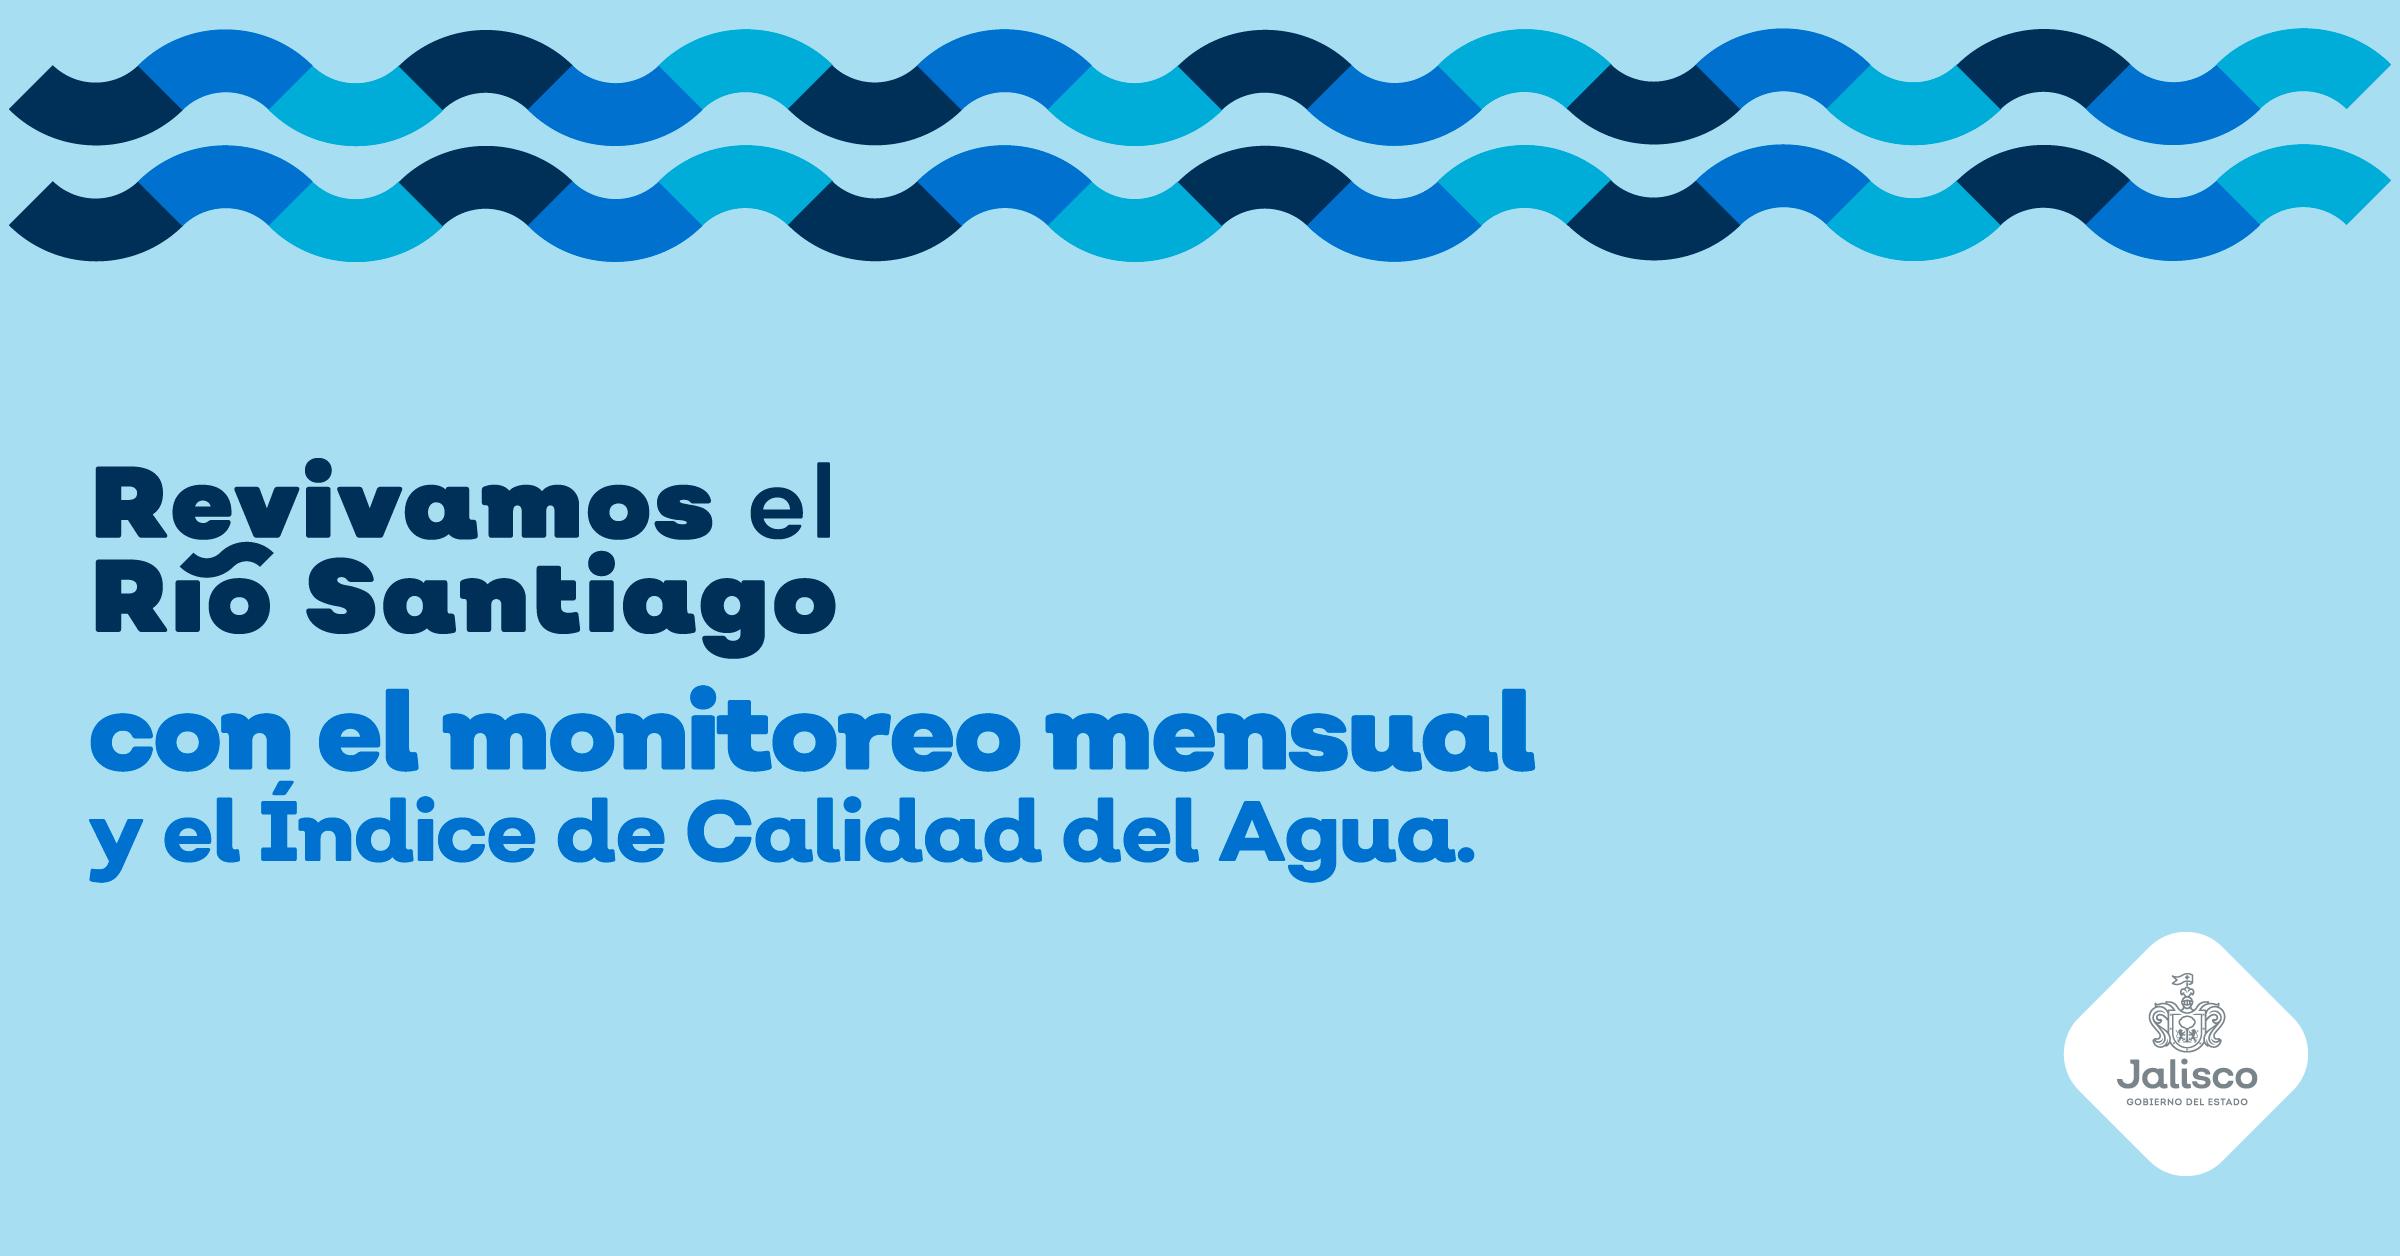 Revivamos el Río Santiago con el monitoreo mensual y el Índice de Calidad del Agua